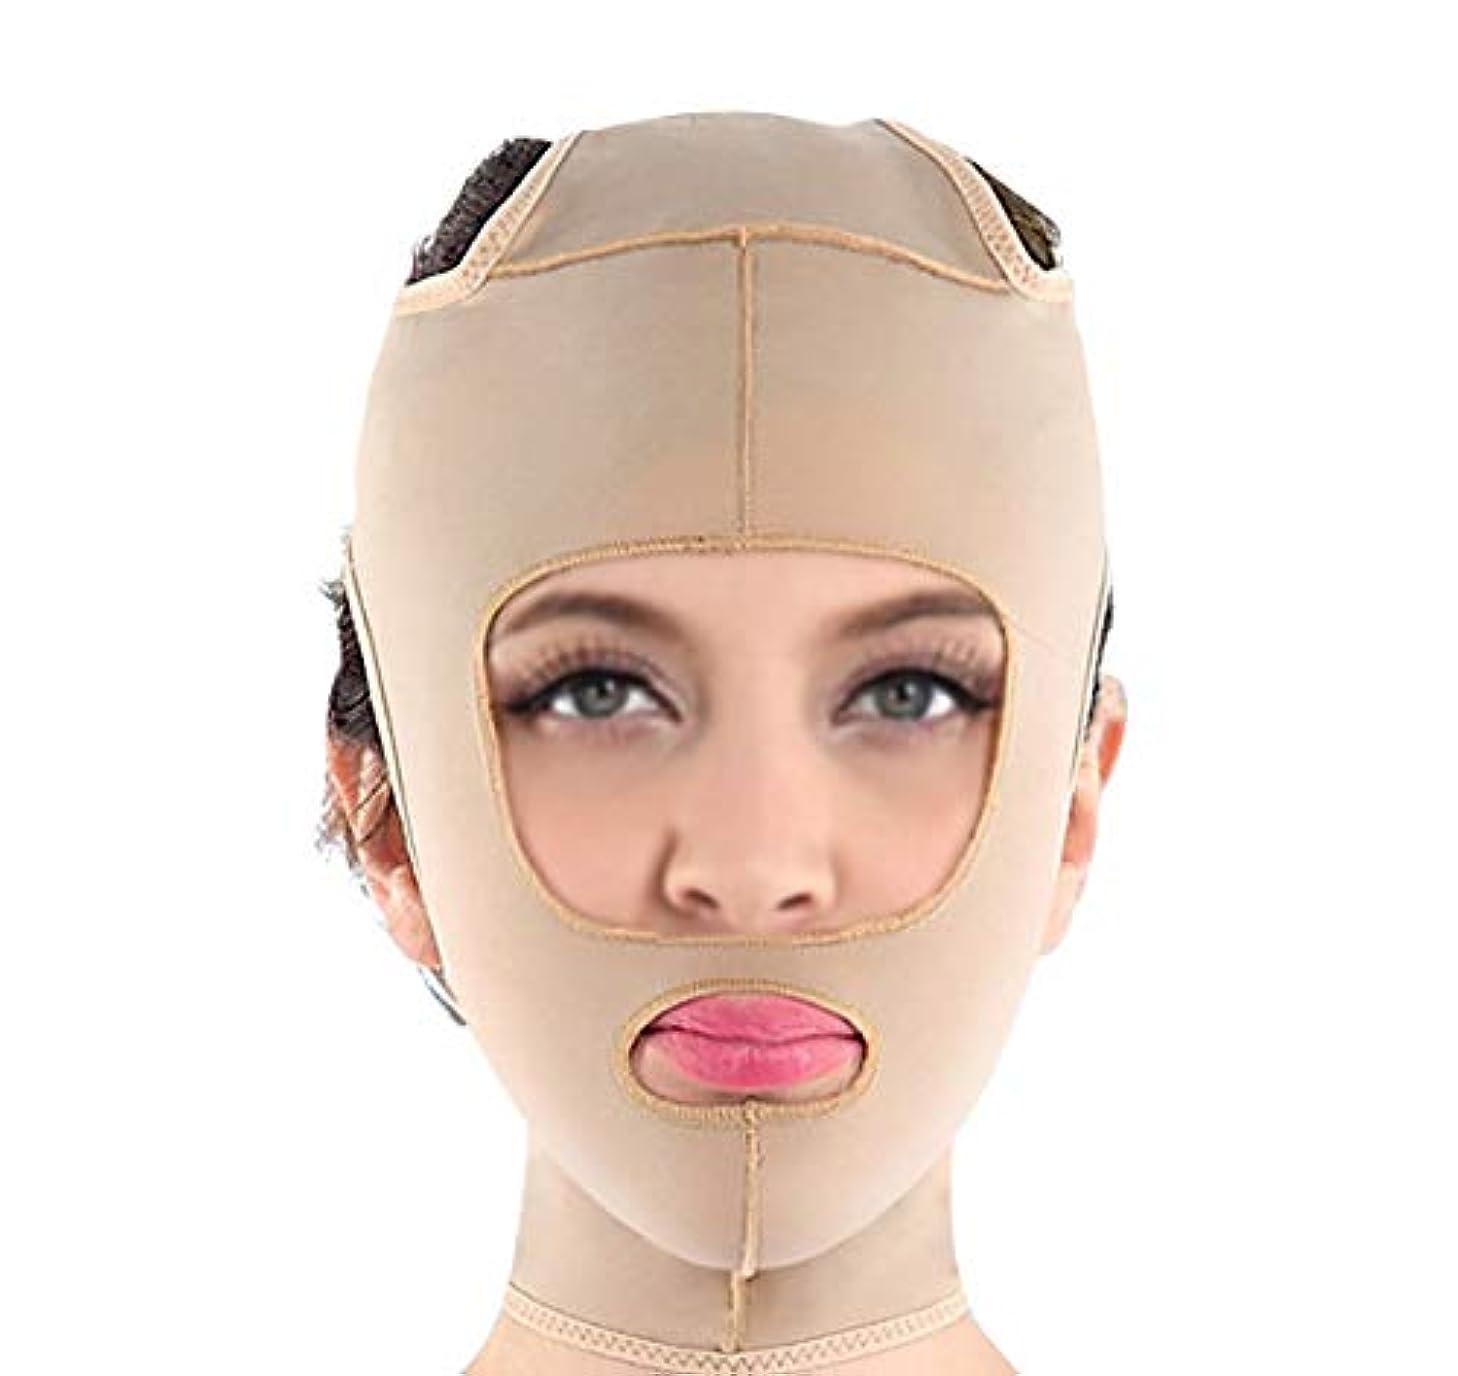 プレフィックス続けるほのめかす顔に肌をより堅く保つためのフェイスリフティングマスク、V字型の顔の形、超薄型の通気性、調節可能で快適な着用 (Size : XL)